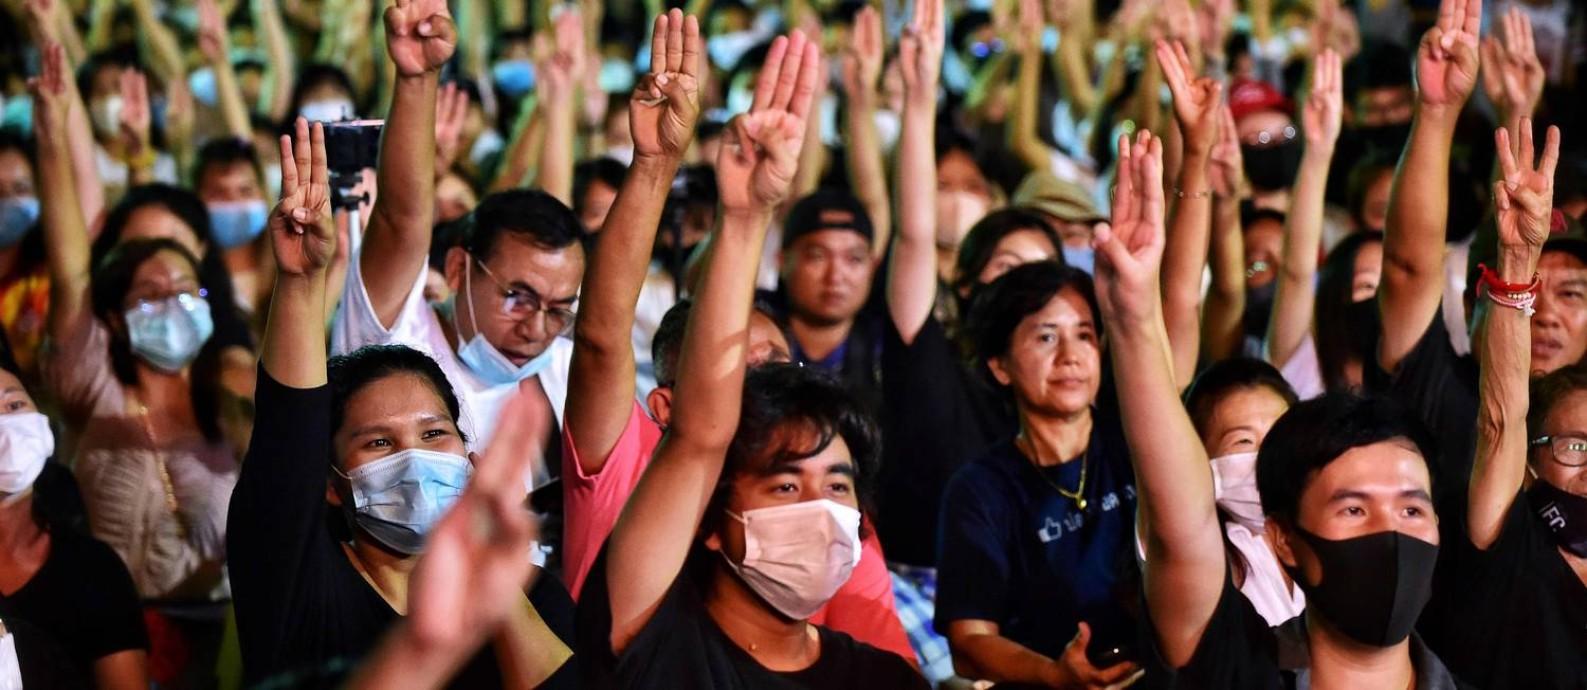 Manifestantes na Tailândia fazem o mesmo sinal com três dedos que é feito na saga Jogos Vorazes Foto: Lillian Suwanrumpha / AFP